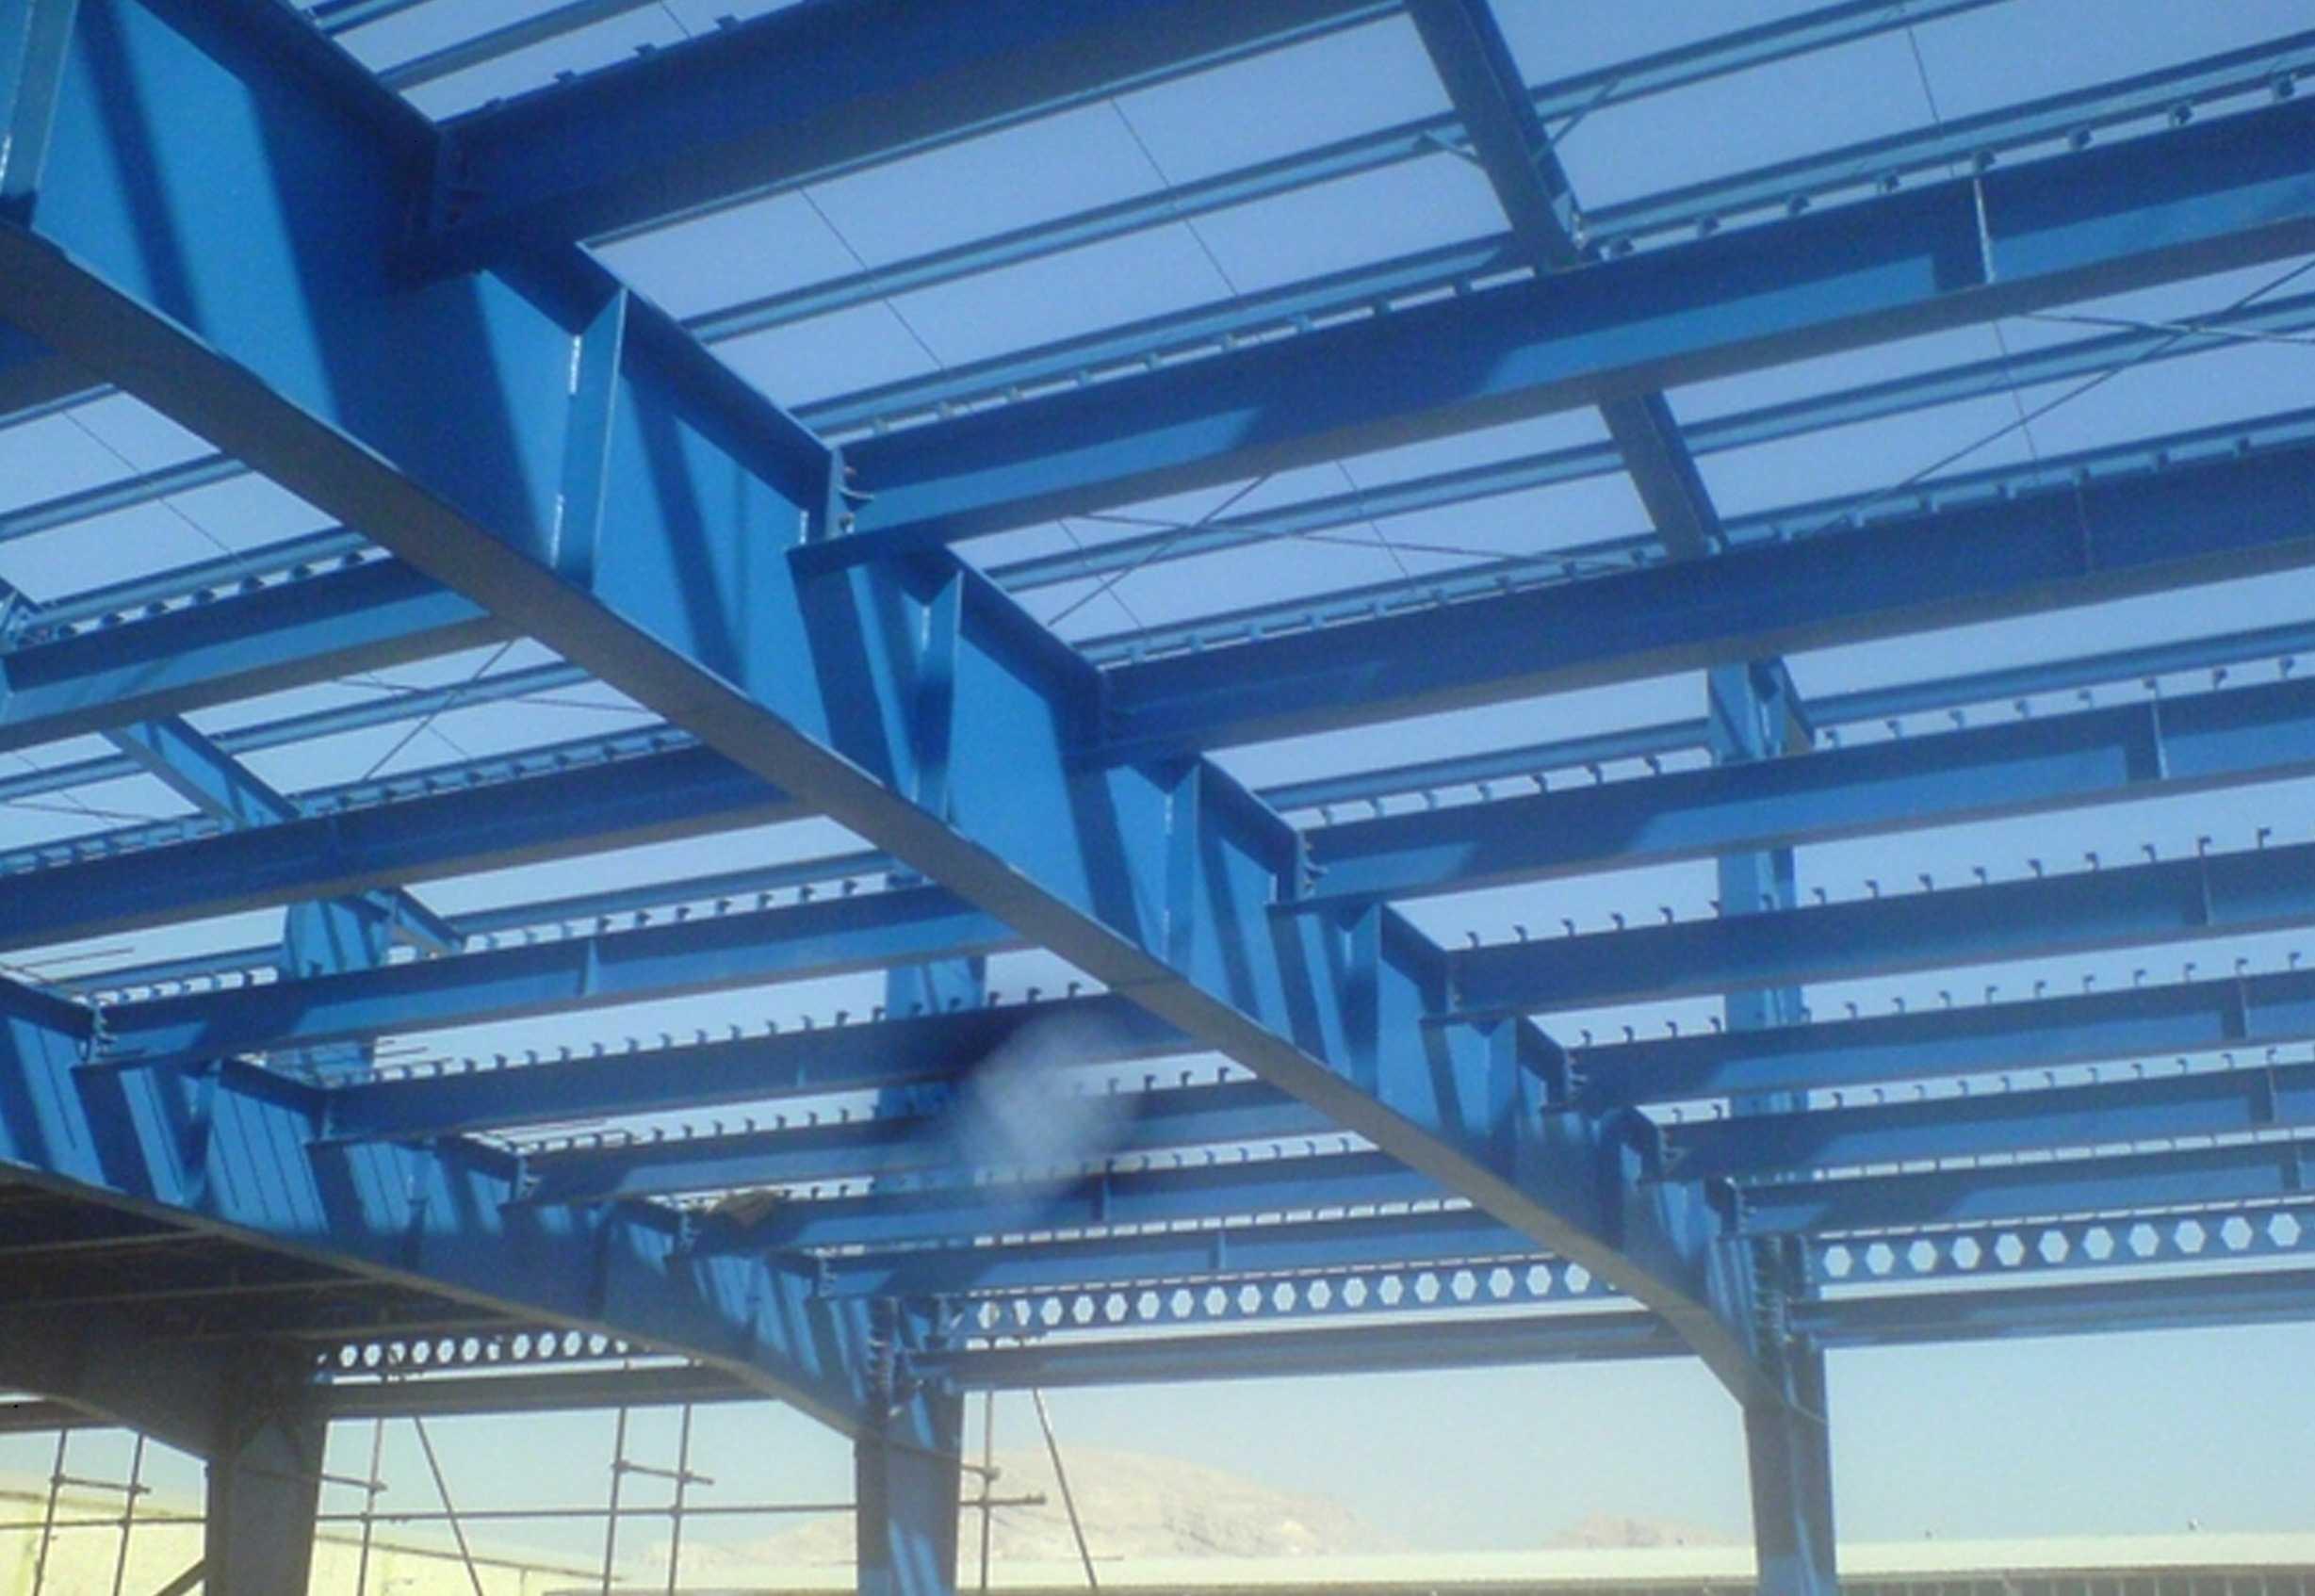 تصویر سقف بدون پوشش یک سوله نیمه کاره